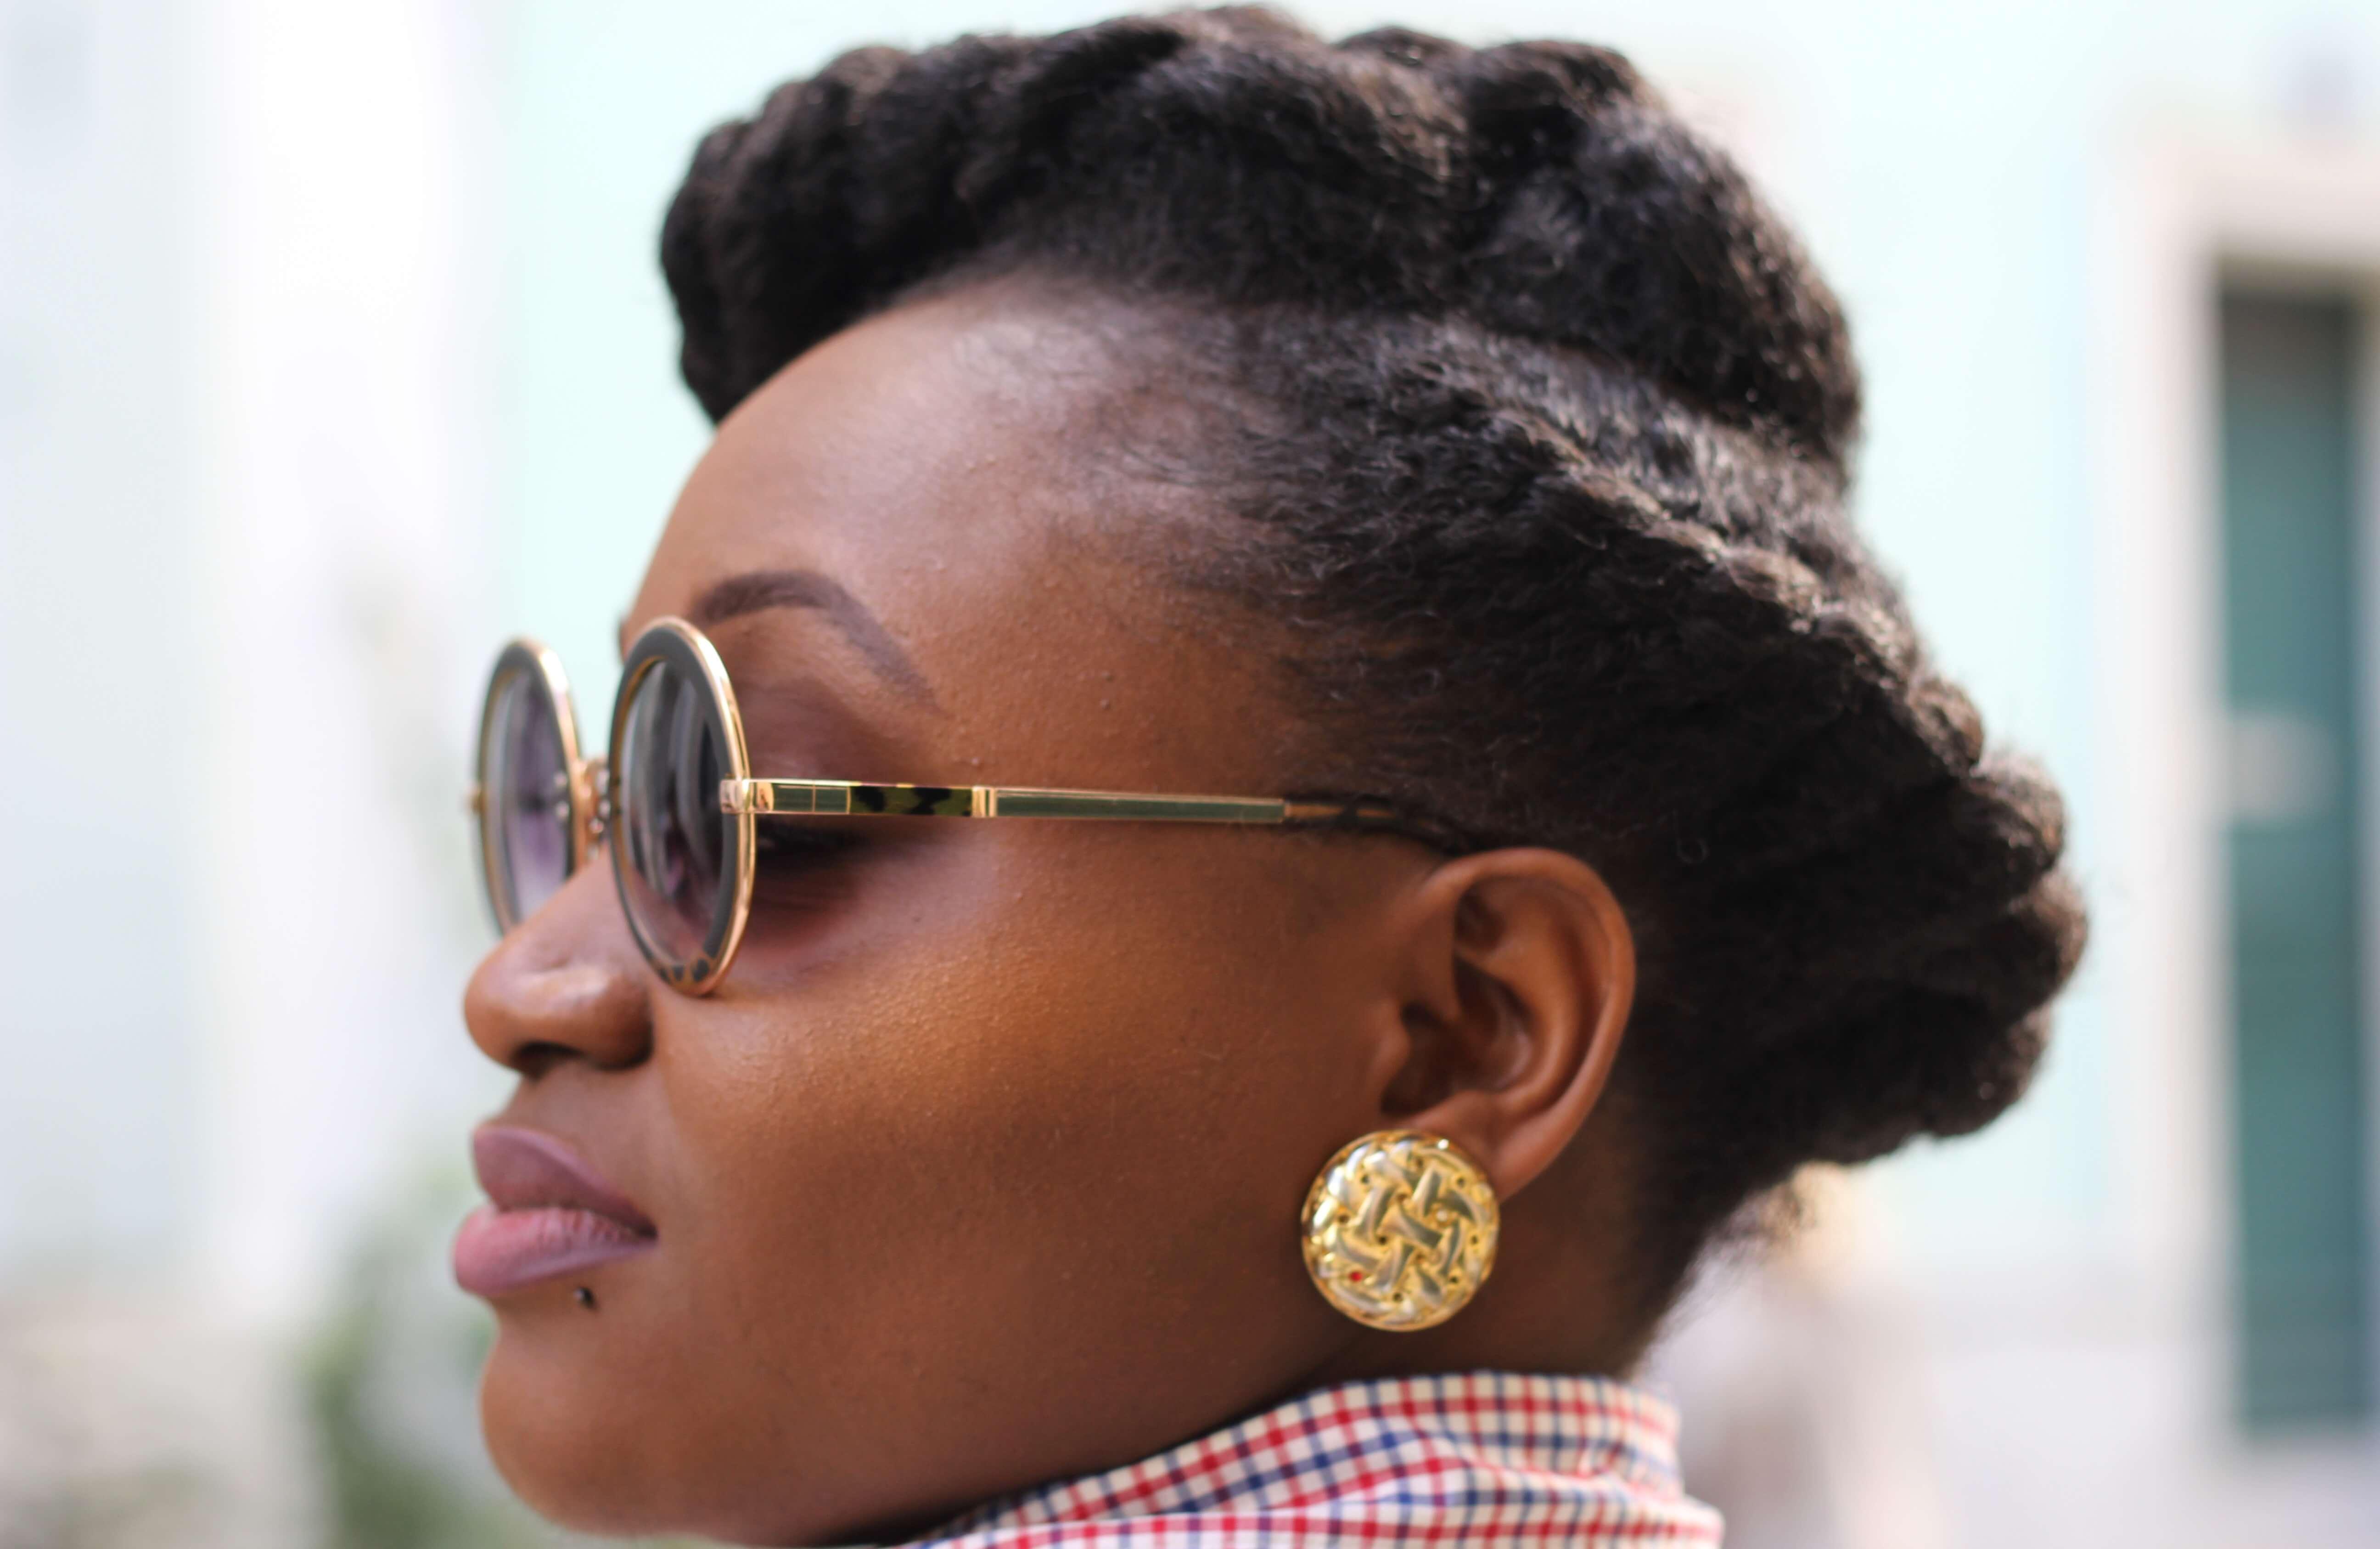 Coiffure moderne sur cheveux cr pus naturels - Coiffure moderne 2017 ...